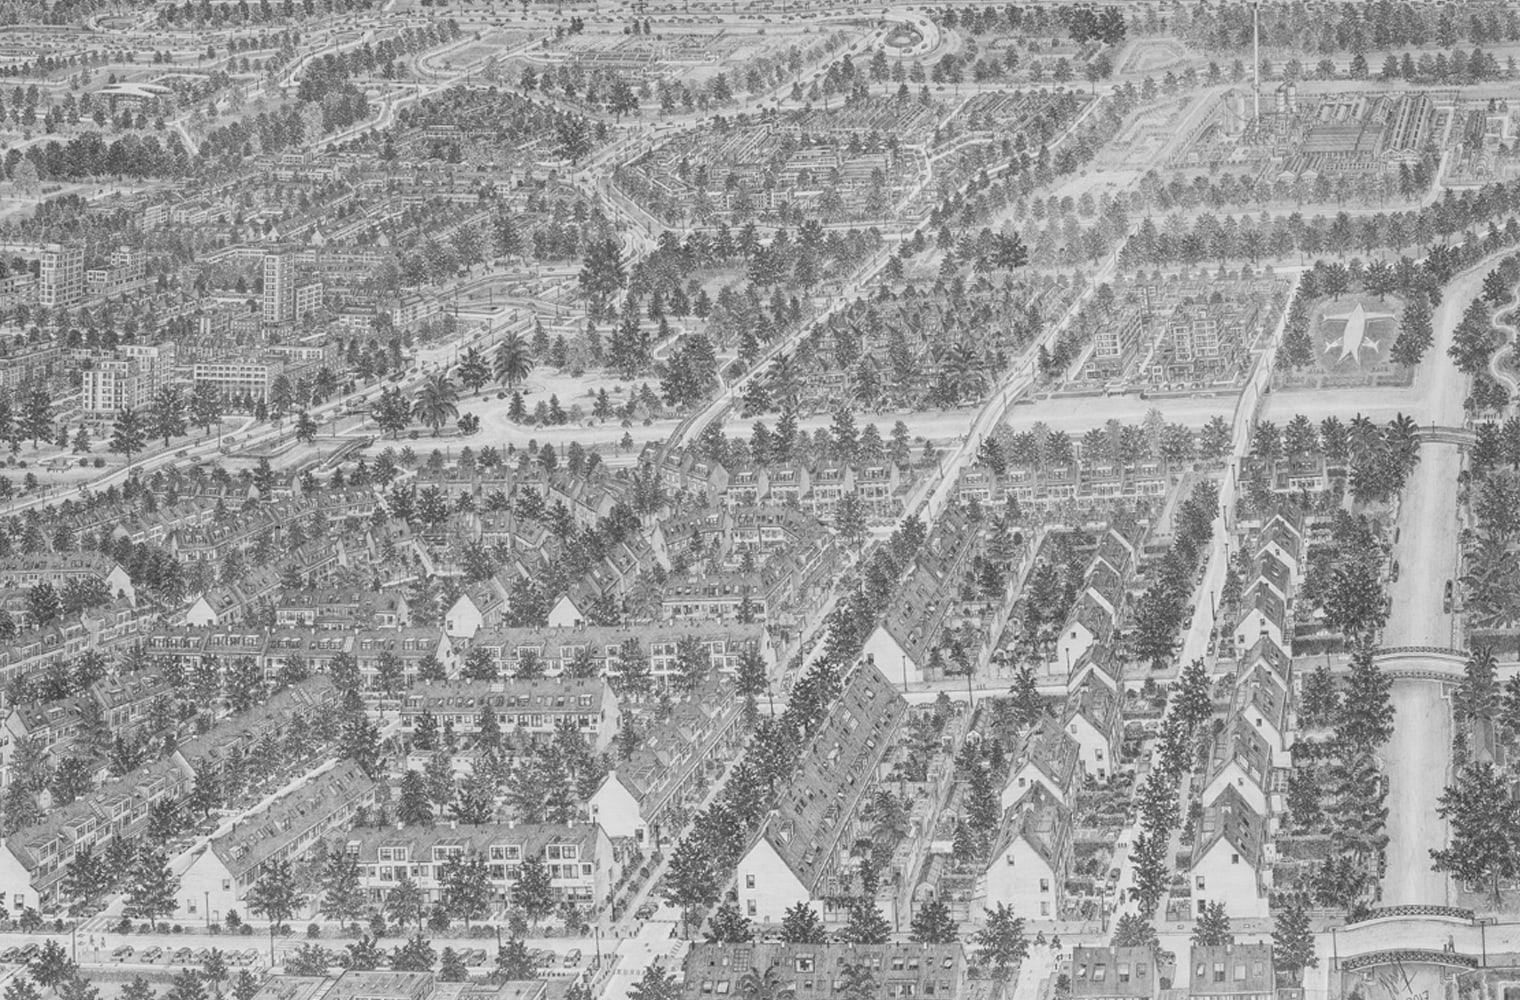 Eine feingliedrige detailreiche Graphitzeichnung zeigt eine Vorstadtlandschaft mit Wohnhäusern, Baumalleen, Straßen und einem Fluss.